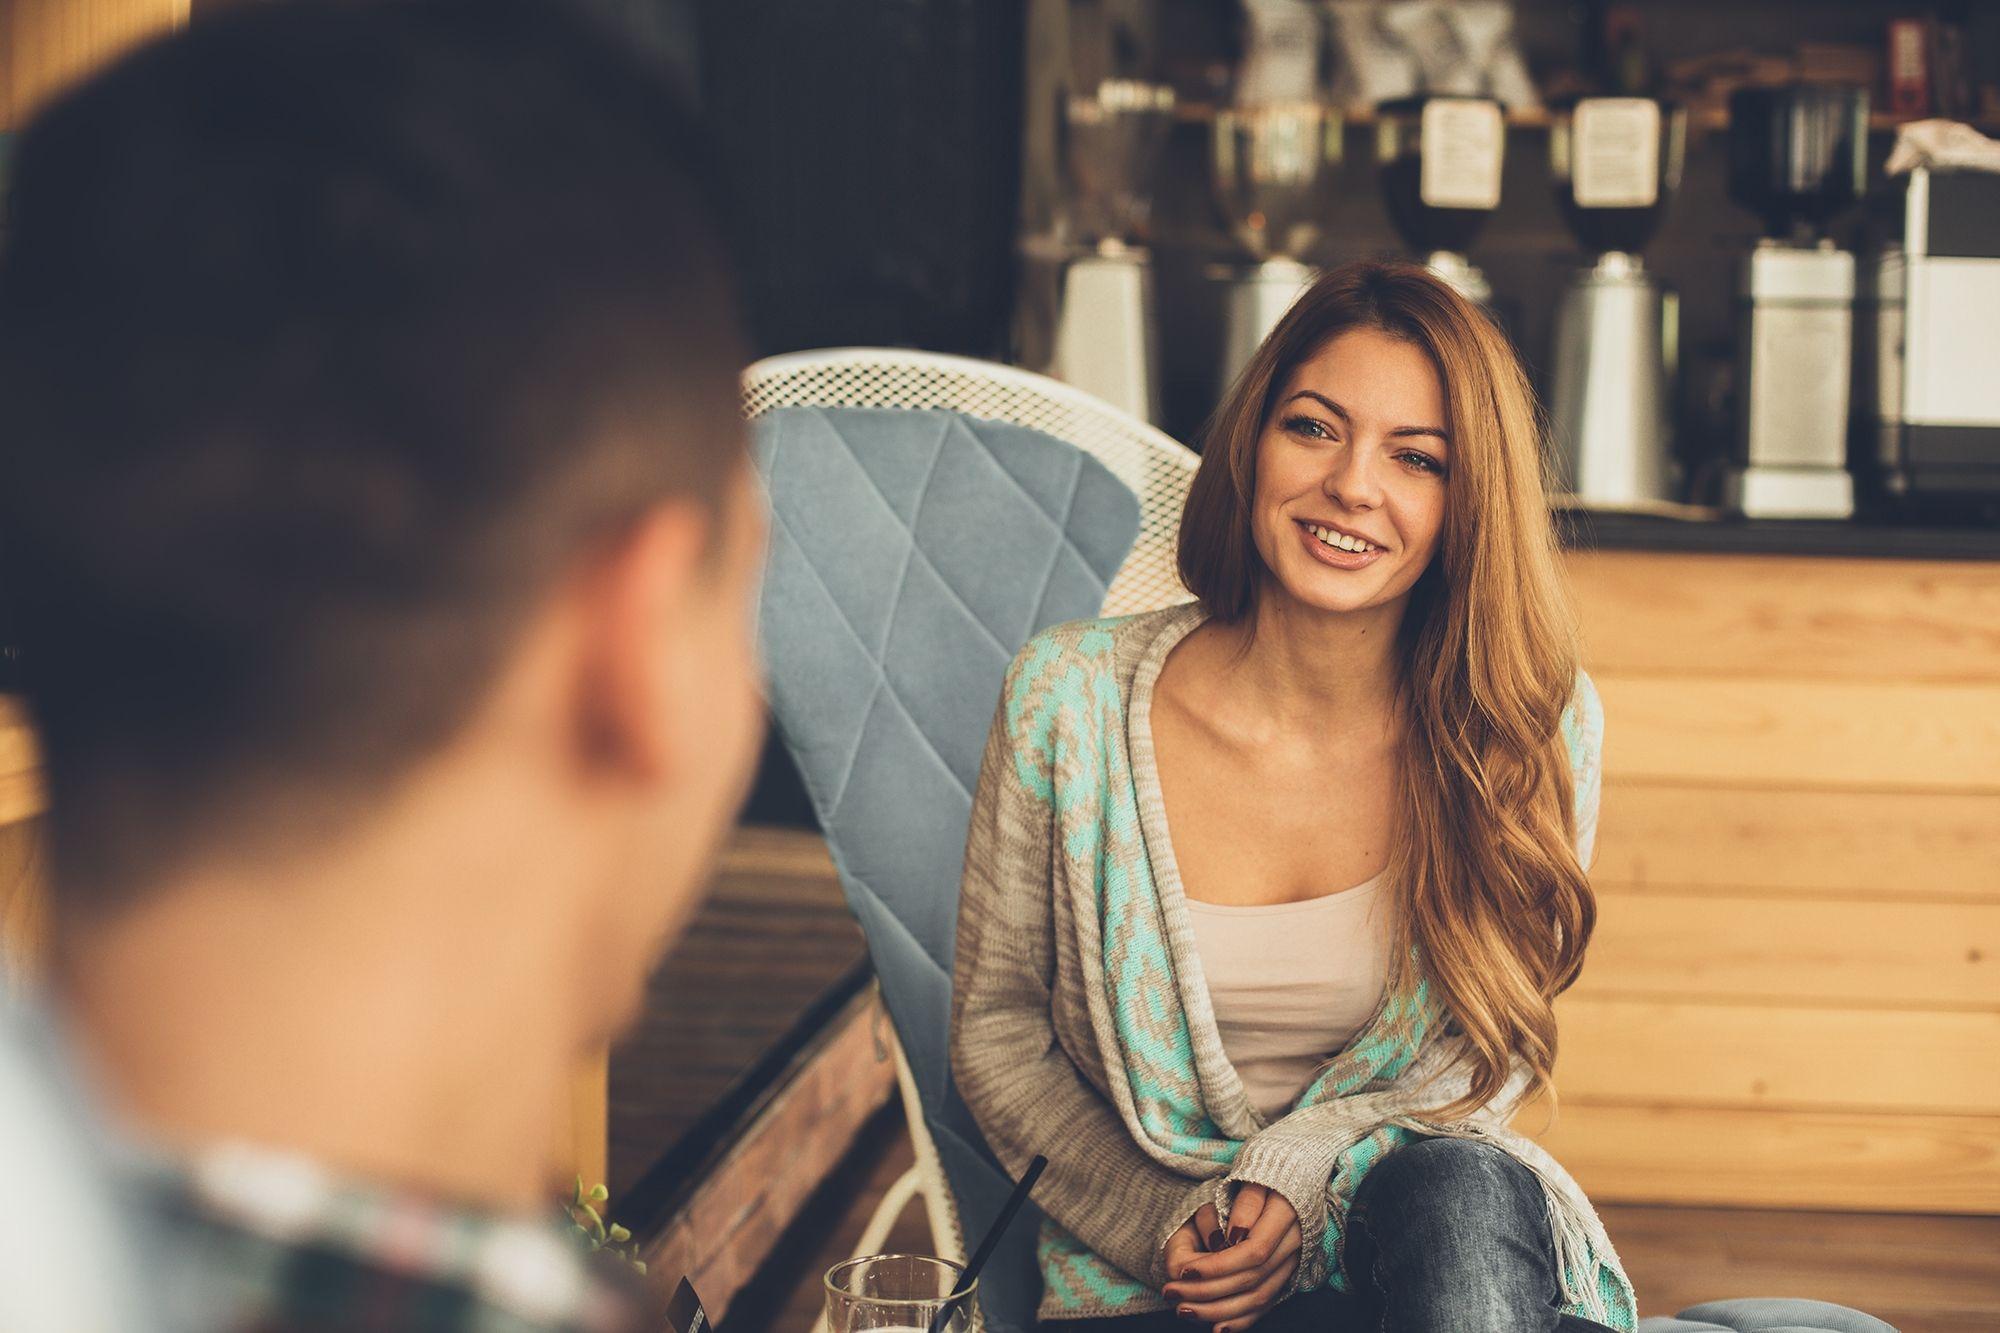 Flirt cu o persoana Cauta i colega de camera